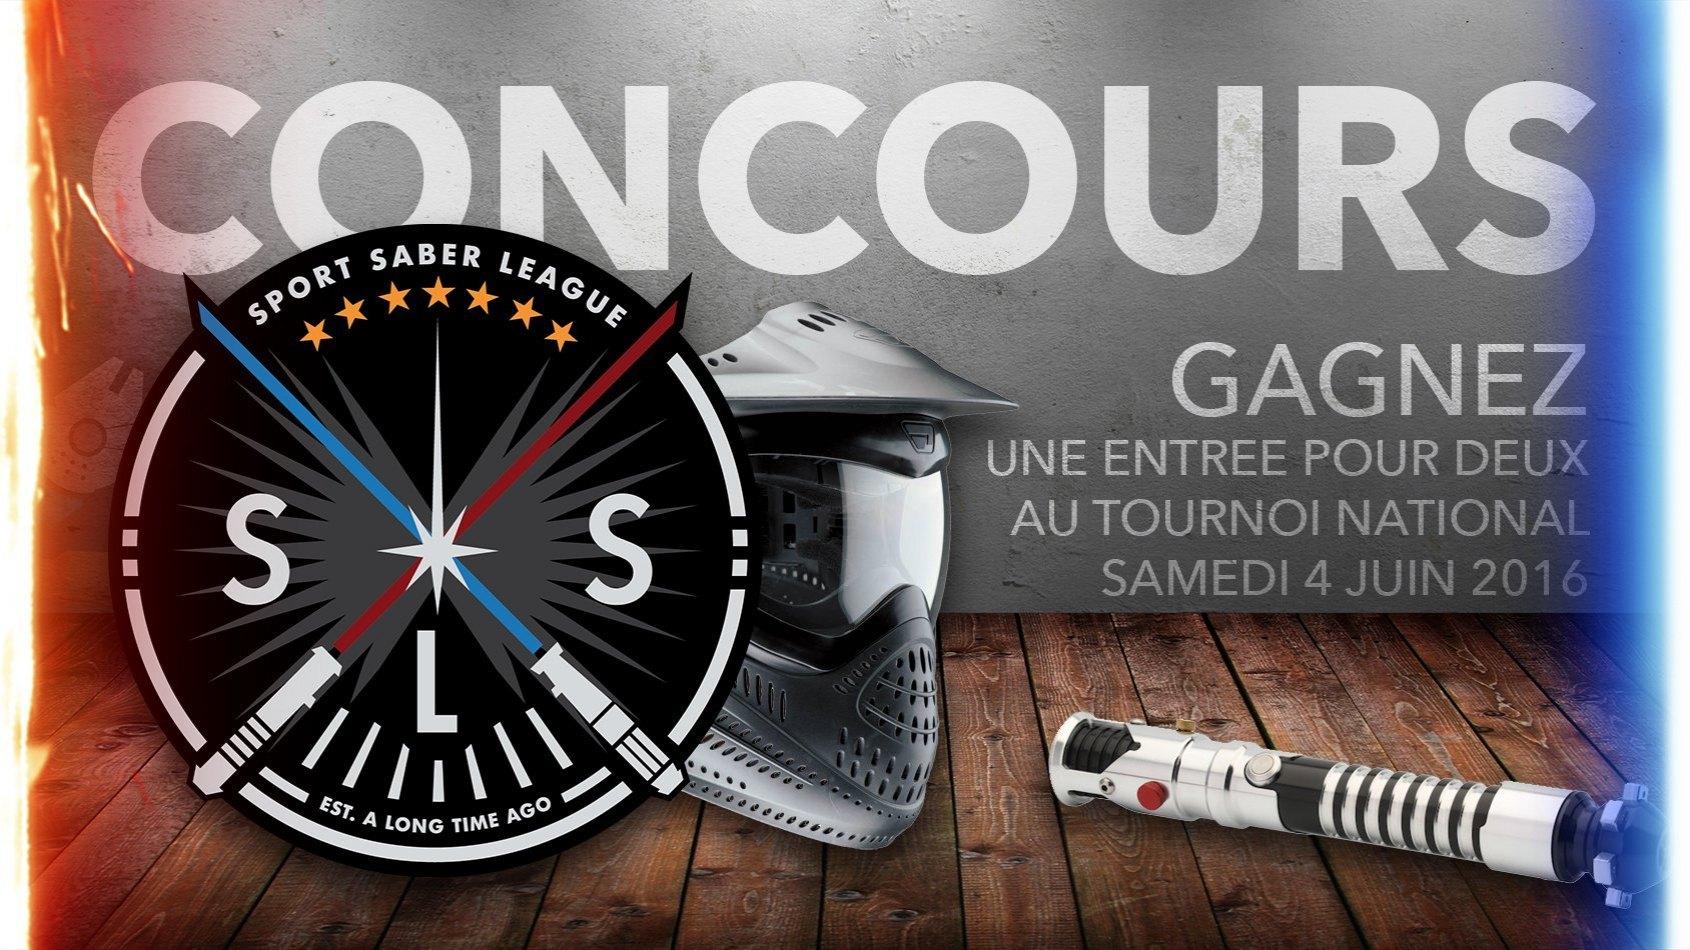 CONCOURS - Gagnez deux entrées pour le Tournoi National de Sabre Laser